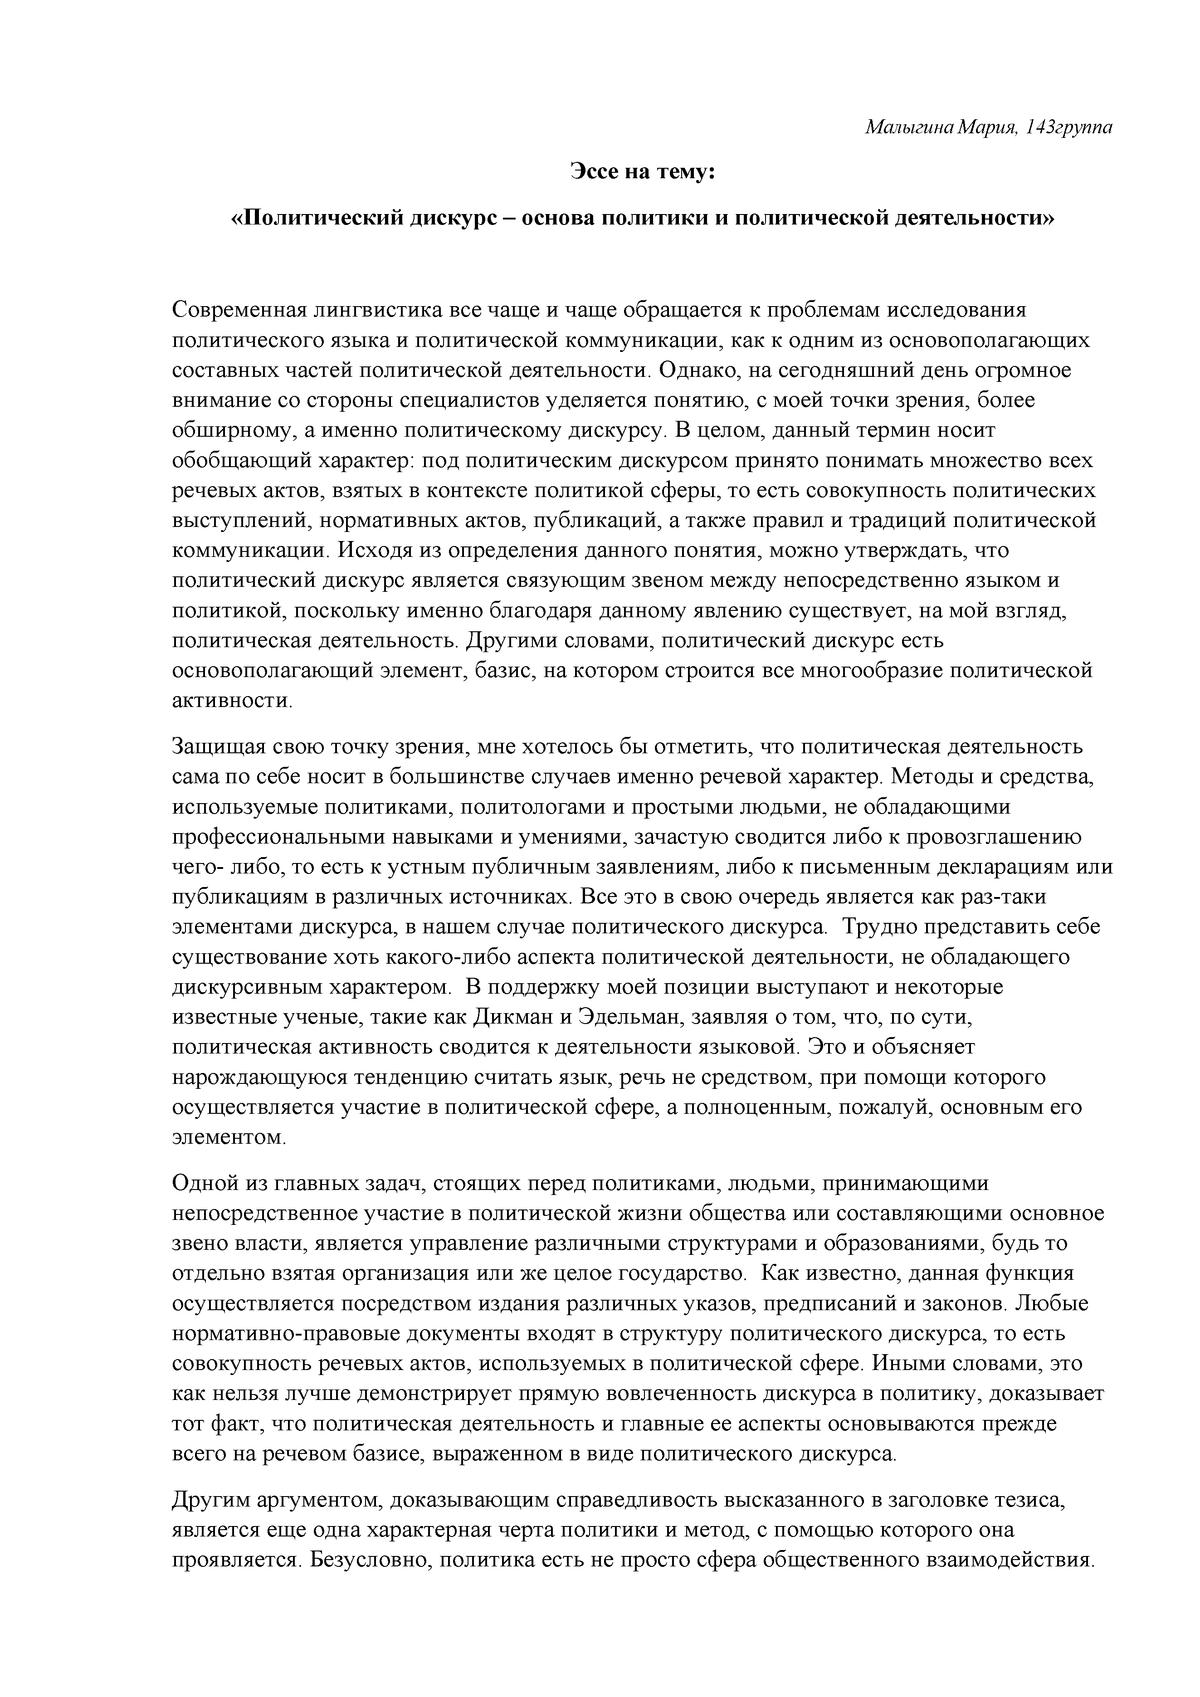 Мои политические убеждения эссе 3259